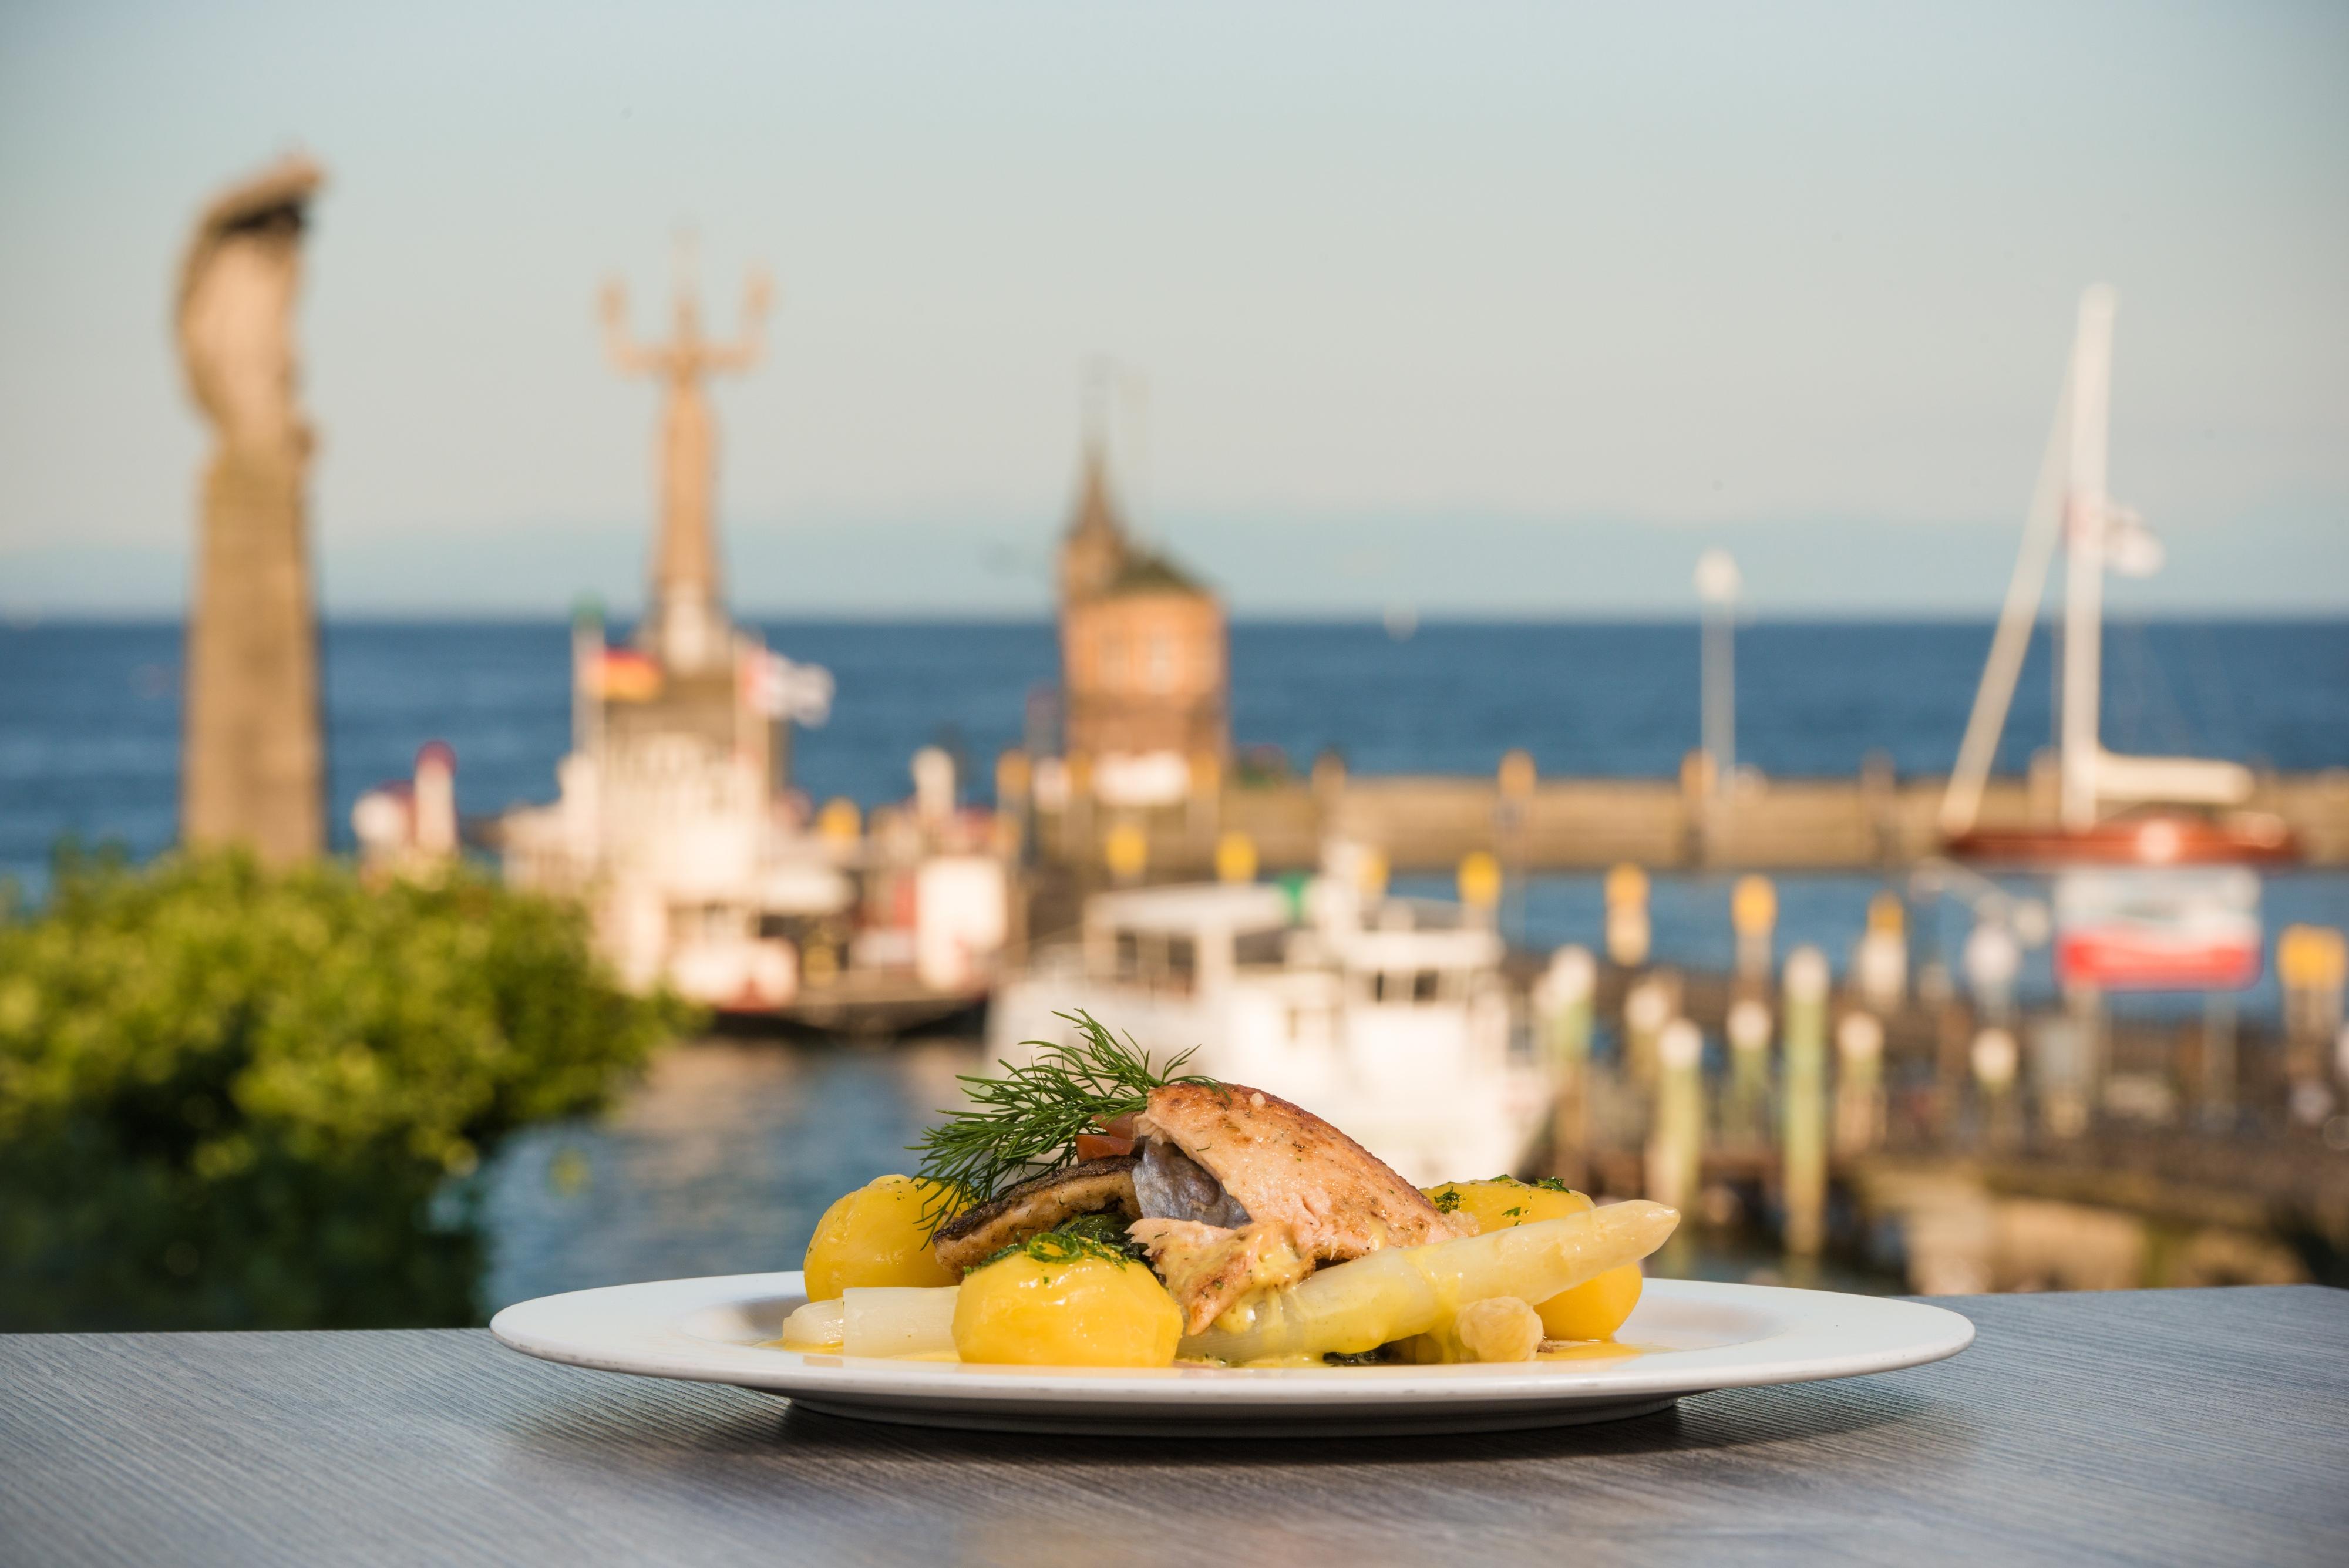 Gebratener Fisch auf Spargel und Petersilienkartoffeln vor dem Konstanzer Hafen